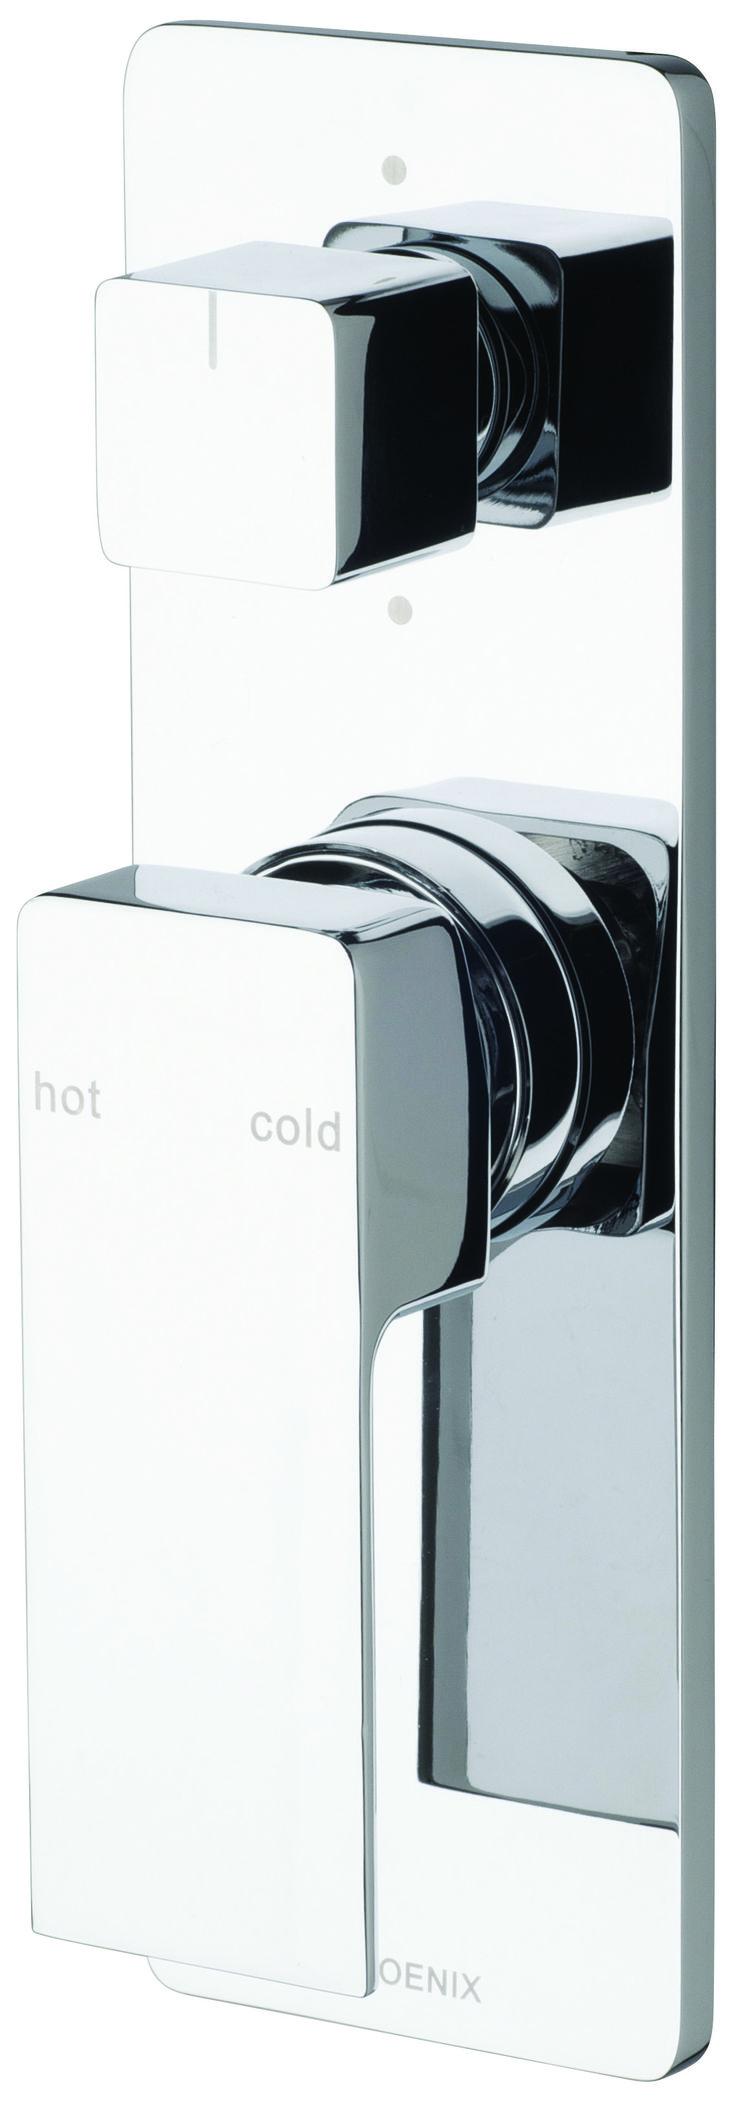 Radii Shower Bath Diverter Mixer